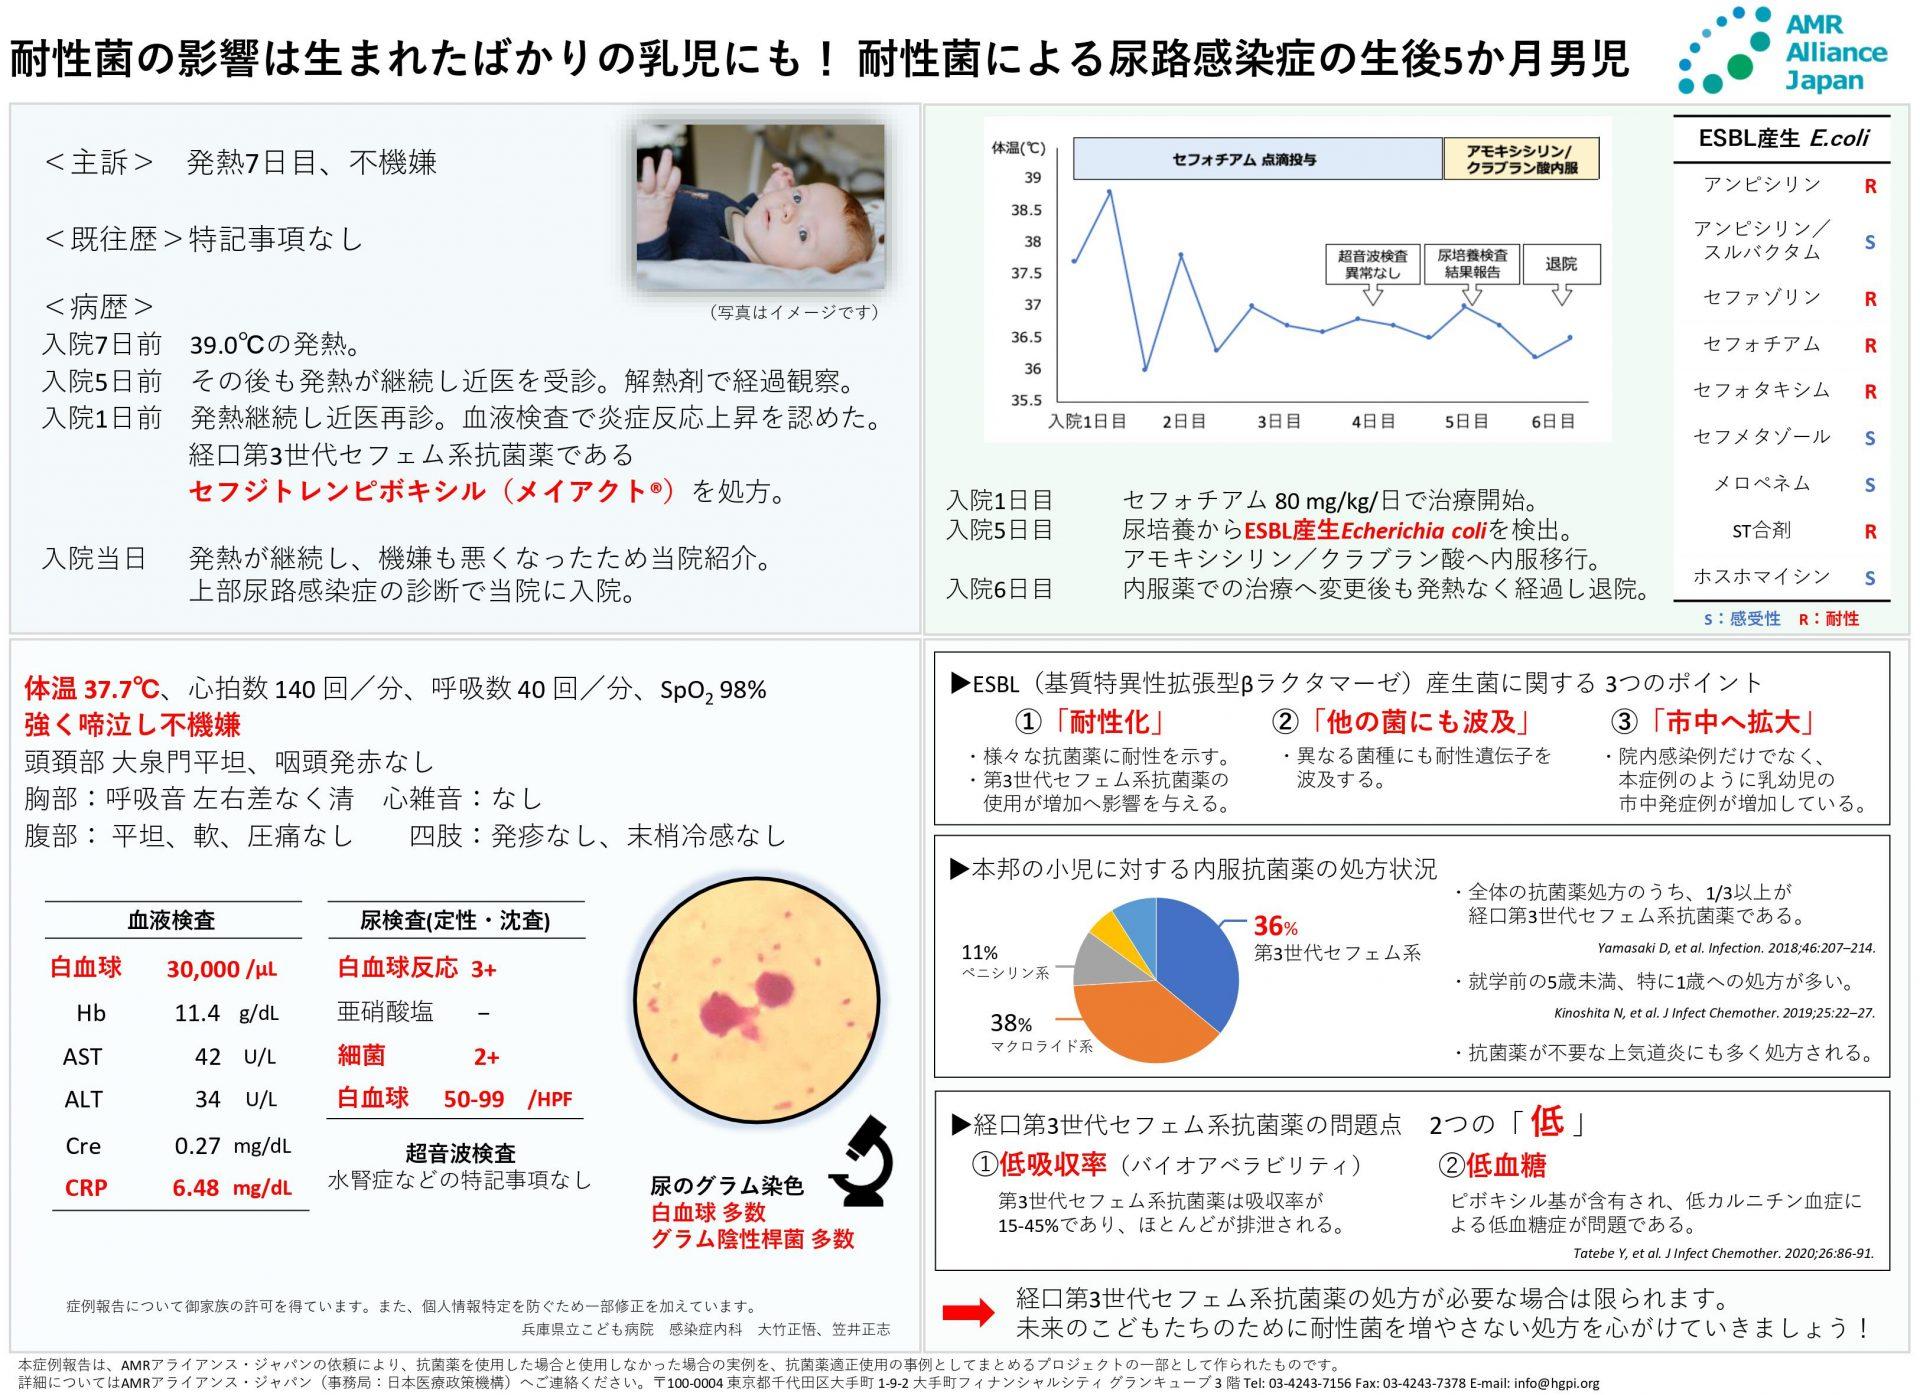 【症例報告】大竹正悟・笠井正志「耐性菌の影響は生まれたばかりの乳児にも! 耐性菌による尿路感染症の生後5か月男児」(AMRアライアンス・ジャパン、2021年10月12日)